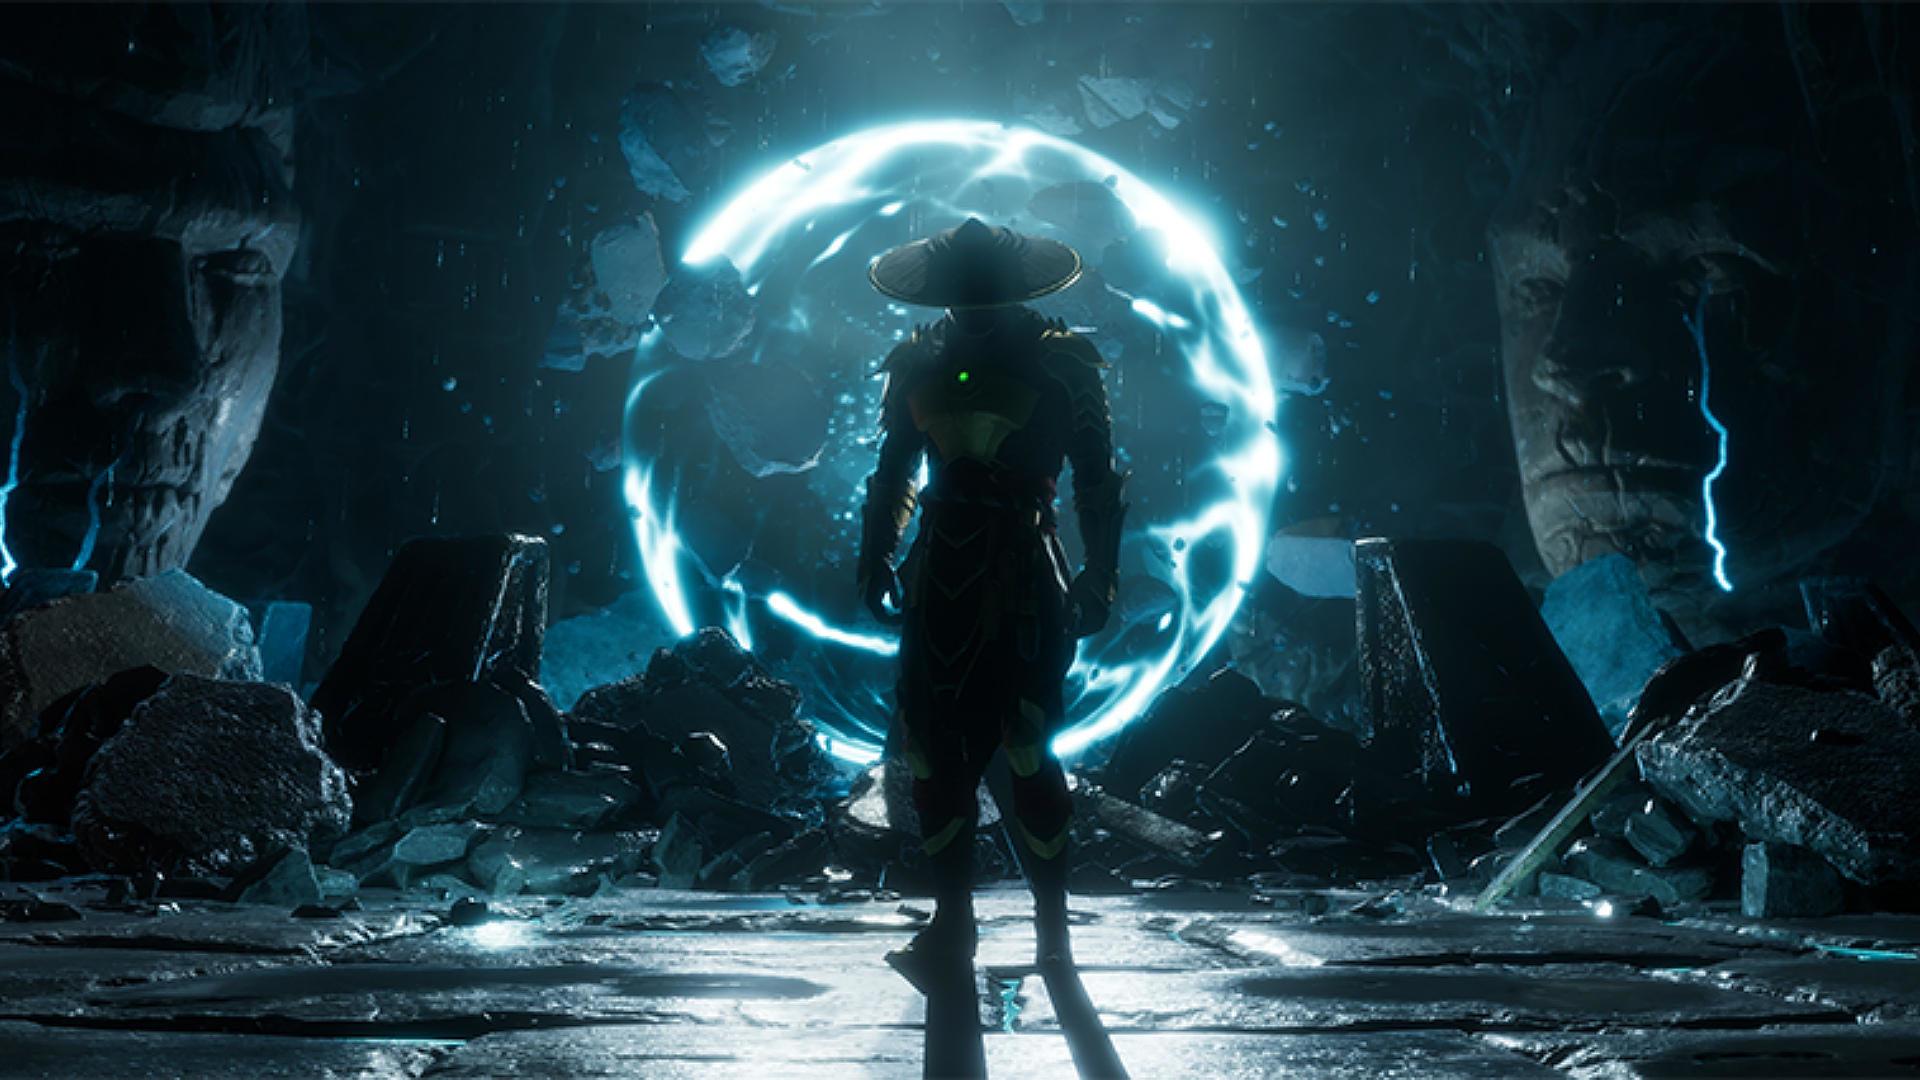 Mortal Kombat   Filme +18 do Scorpion ganha primeiro trailer